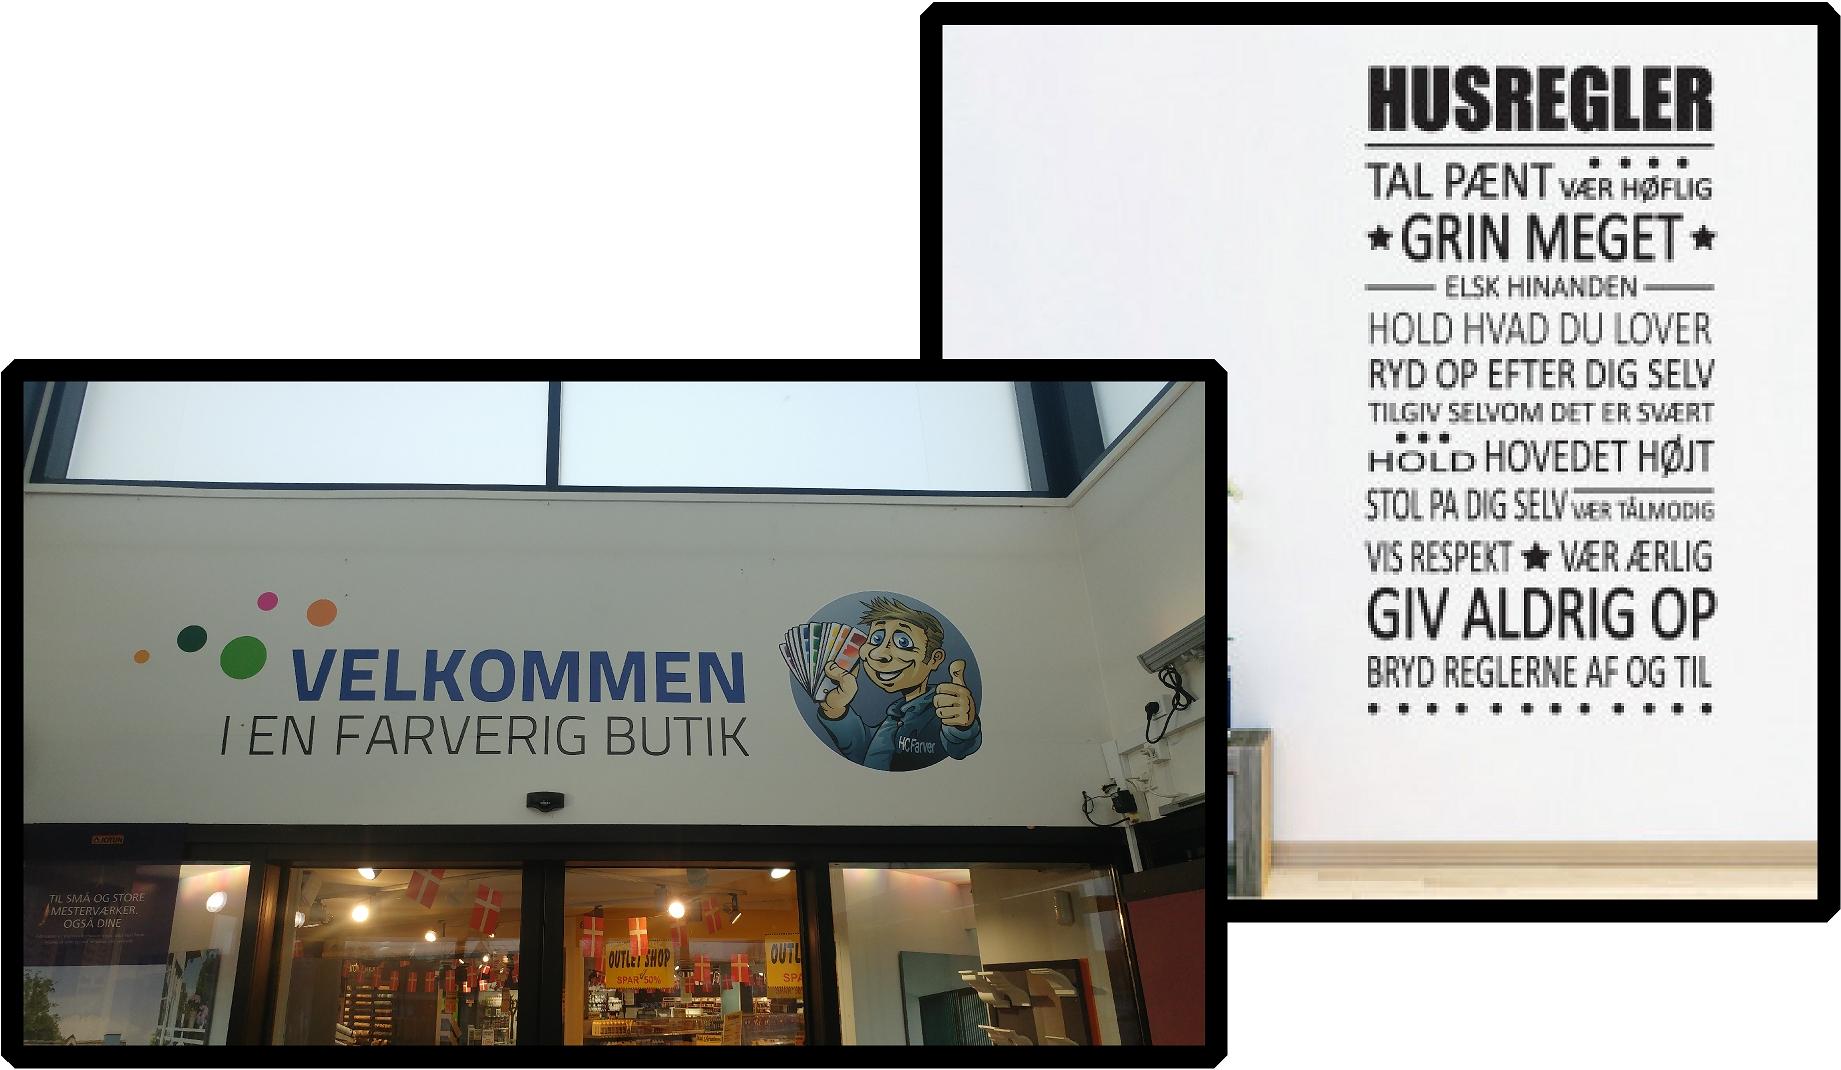 Events | Wallstickers | Plakat | Lærredsbillede | Storvægsbillede | Randers | Aarhus | Djursland | Midtjylland | Østjylland | Viborg | Hobro | Hadsten |  Skilte Design Randers